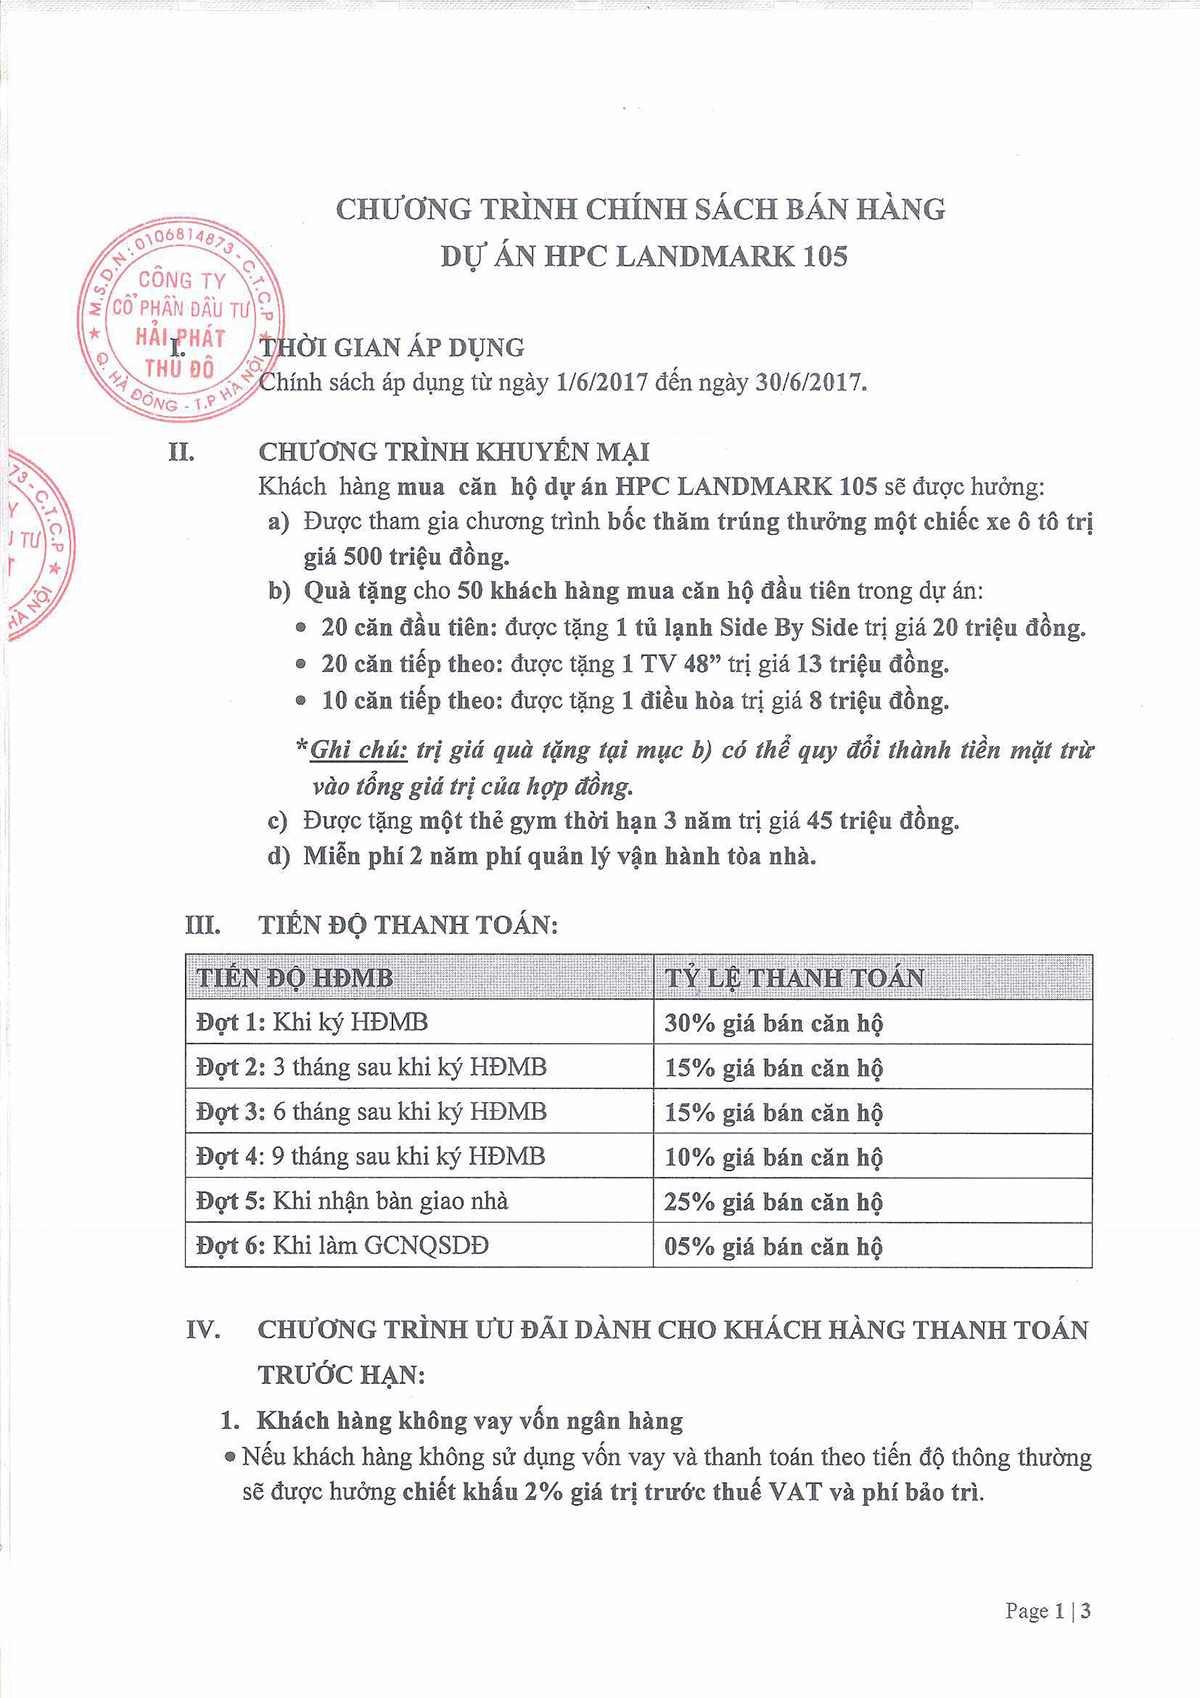 chinh-sách-bán-hàng-hpc-landmark105 (2)